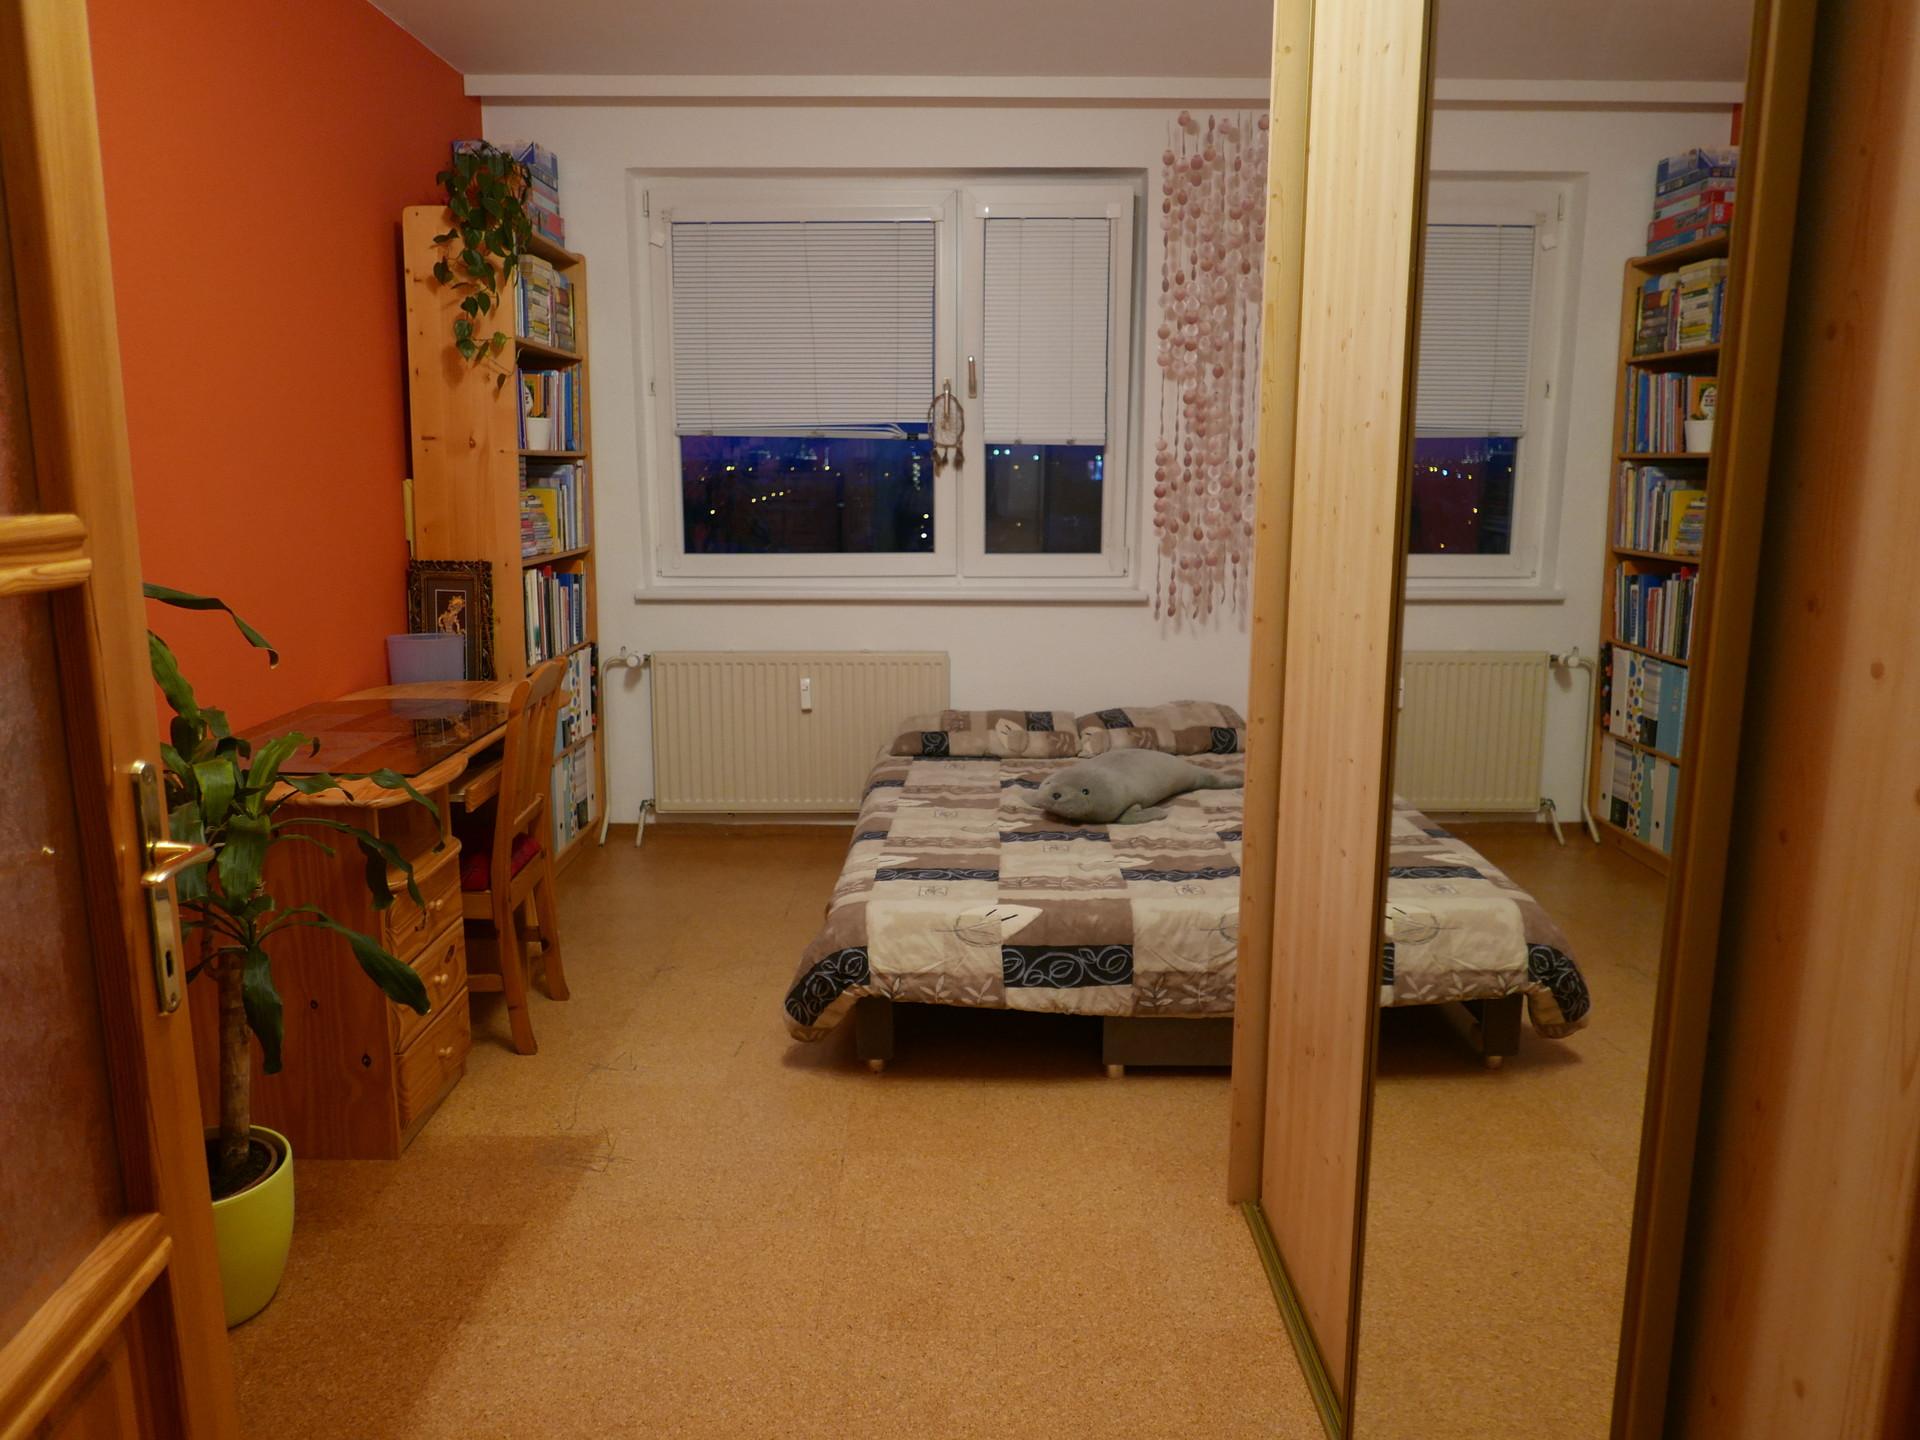 quiet-cozy-room-comes-cat-895c600c9f9b6c00f2e4060eadf06135